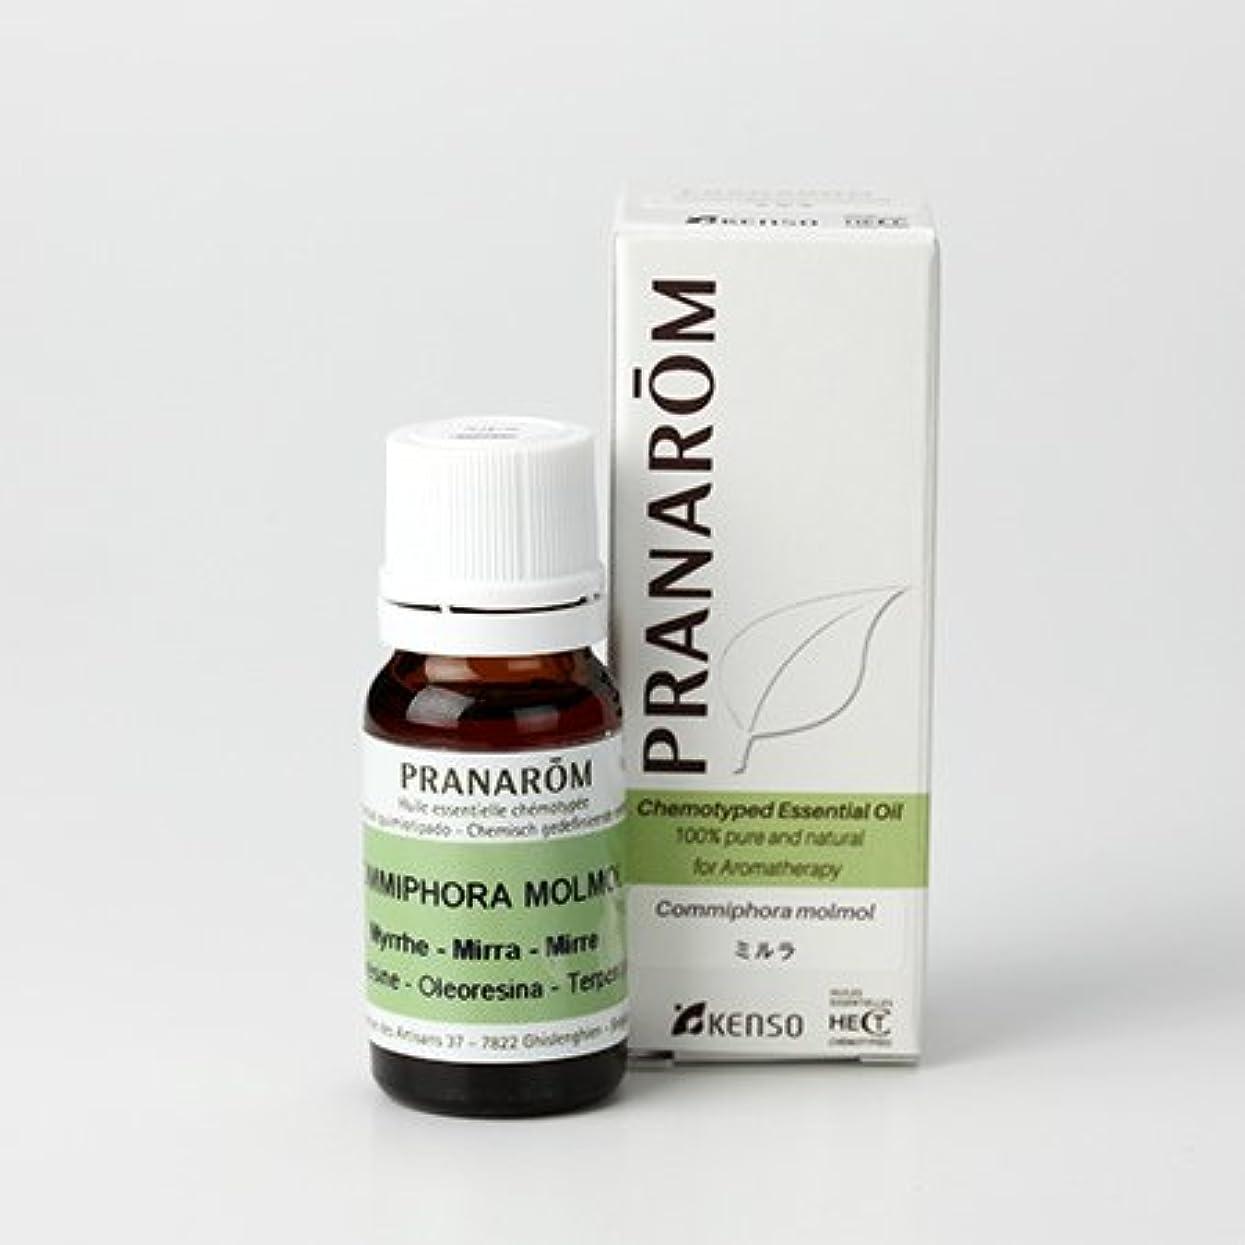 昼寝維持する突撃プラナロム ミルラ 10ml (PRANAROM ケモタイプ精油)